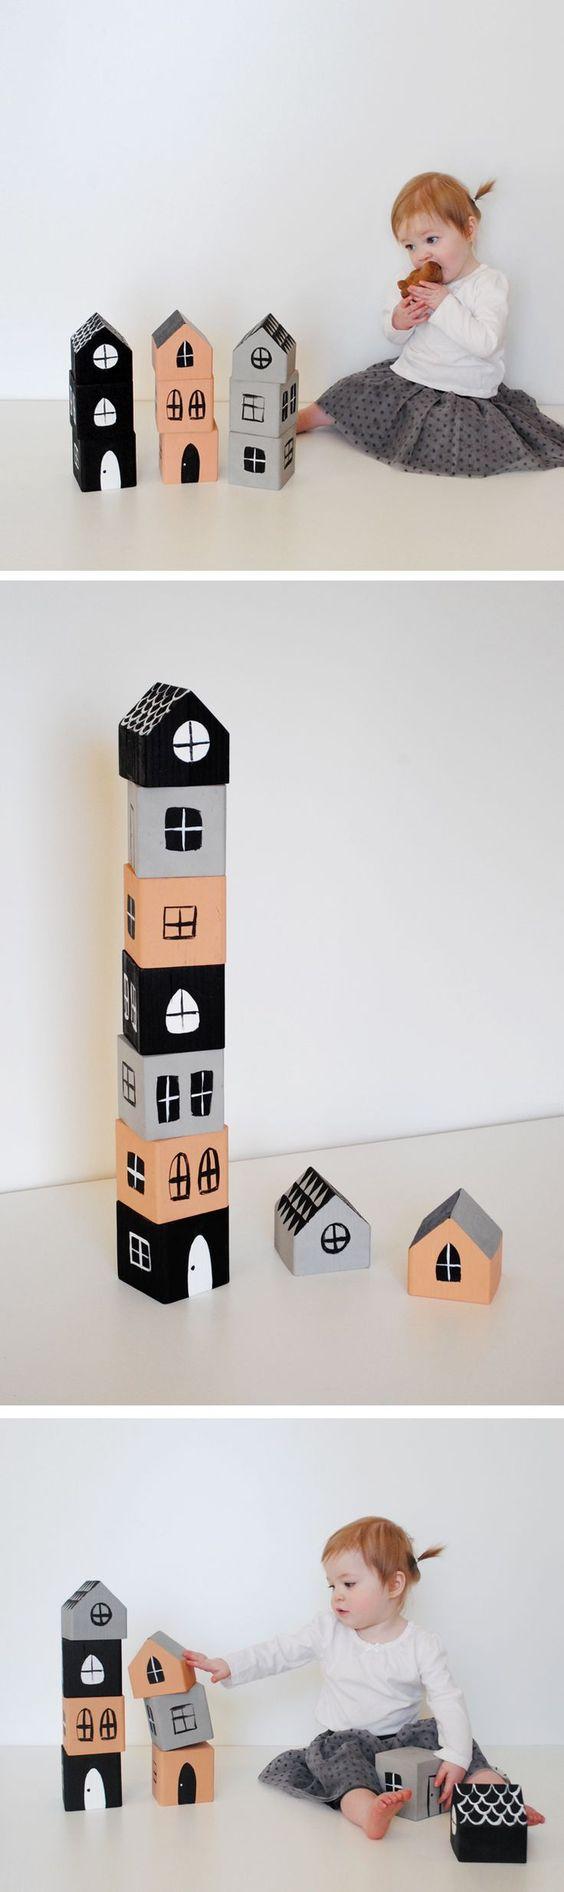 DIY Stacking House Blocks                                                       …